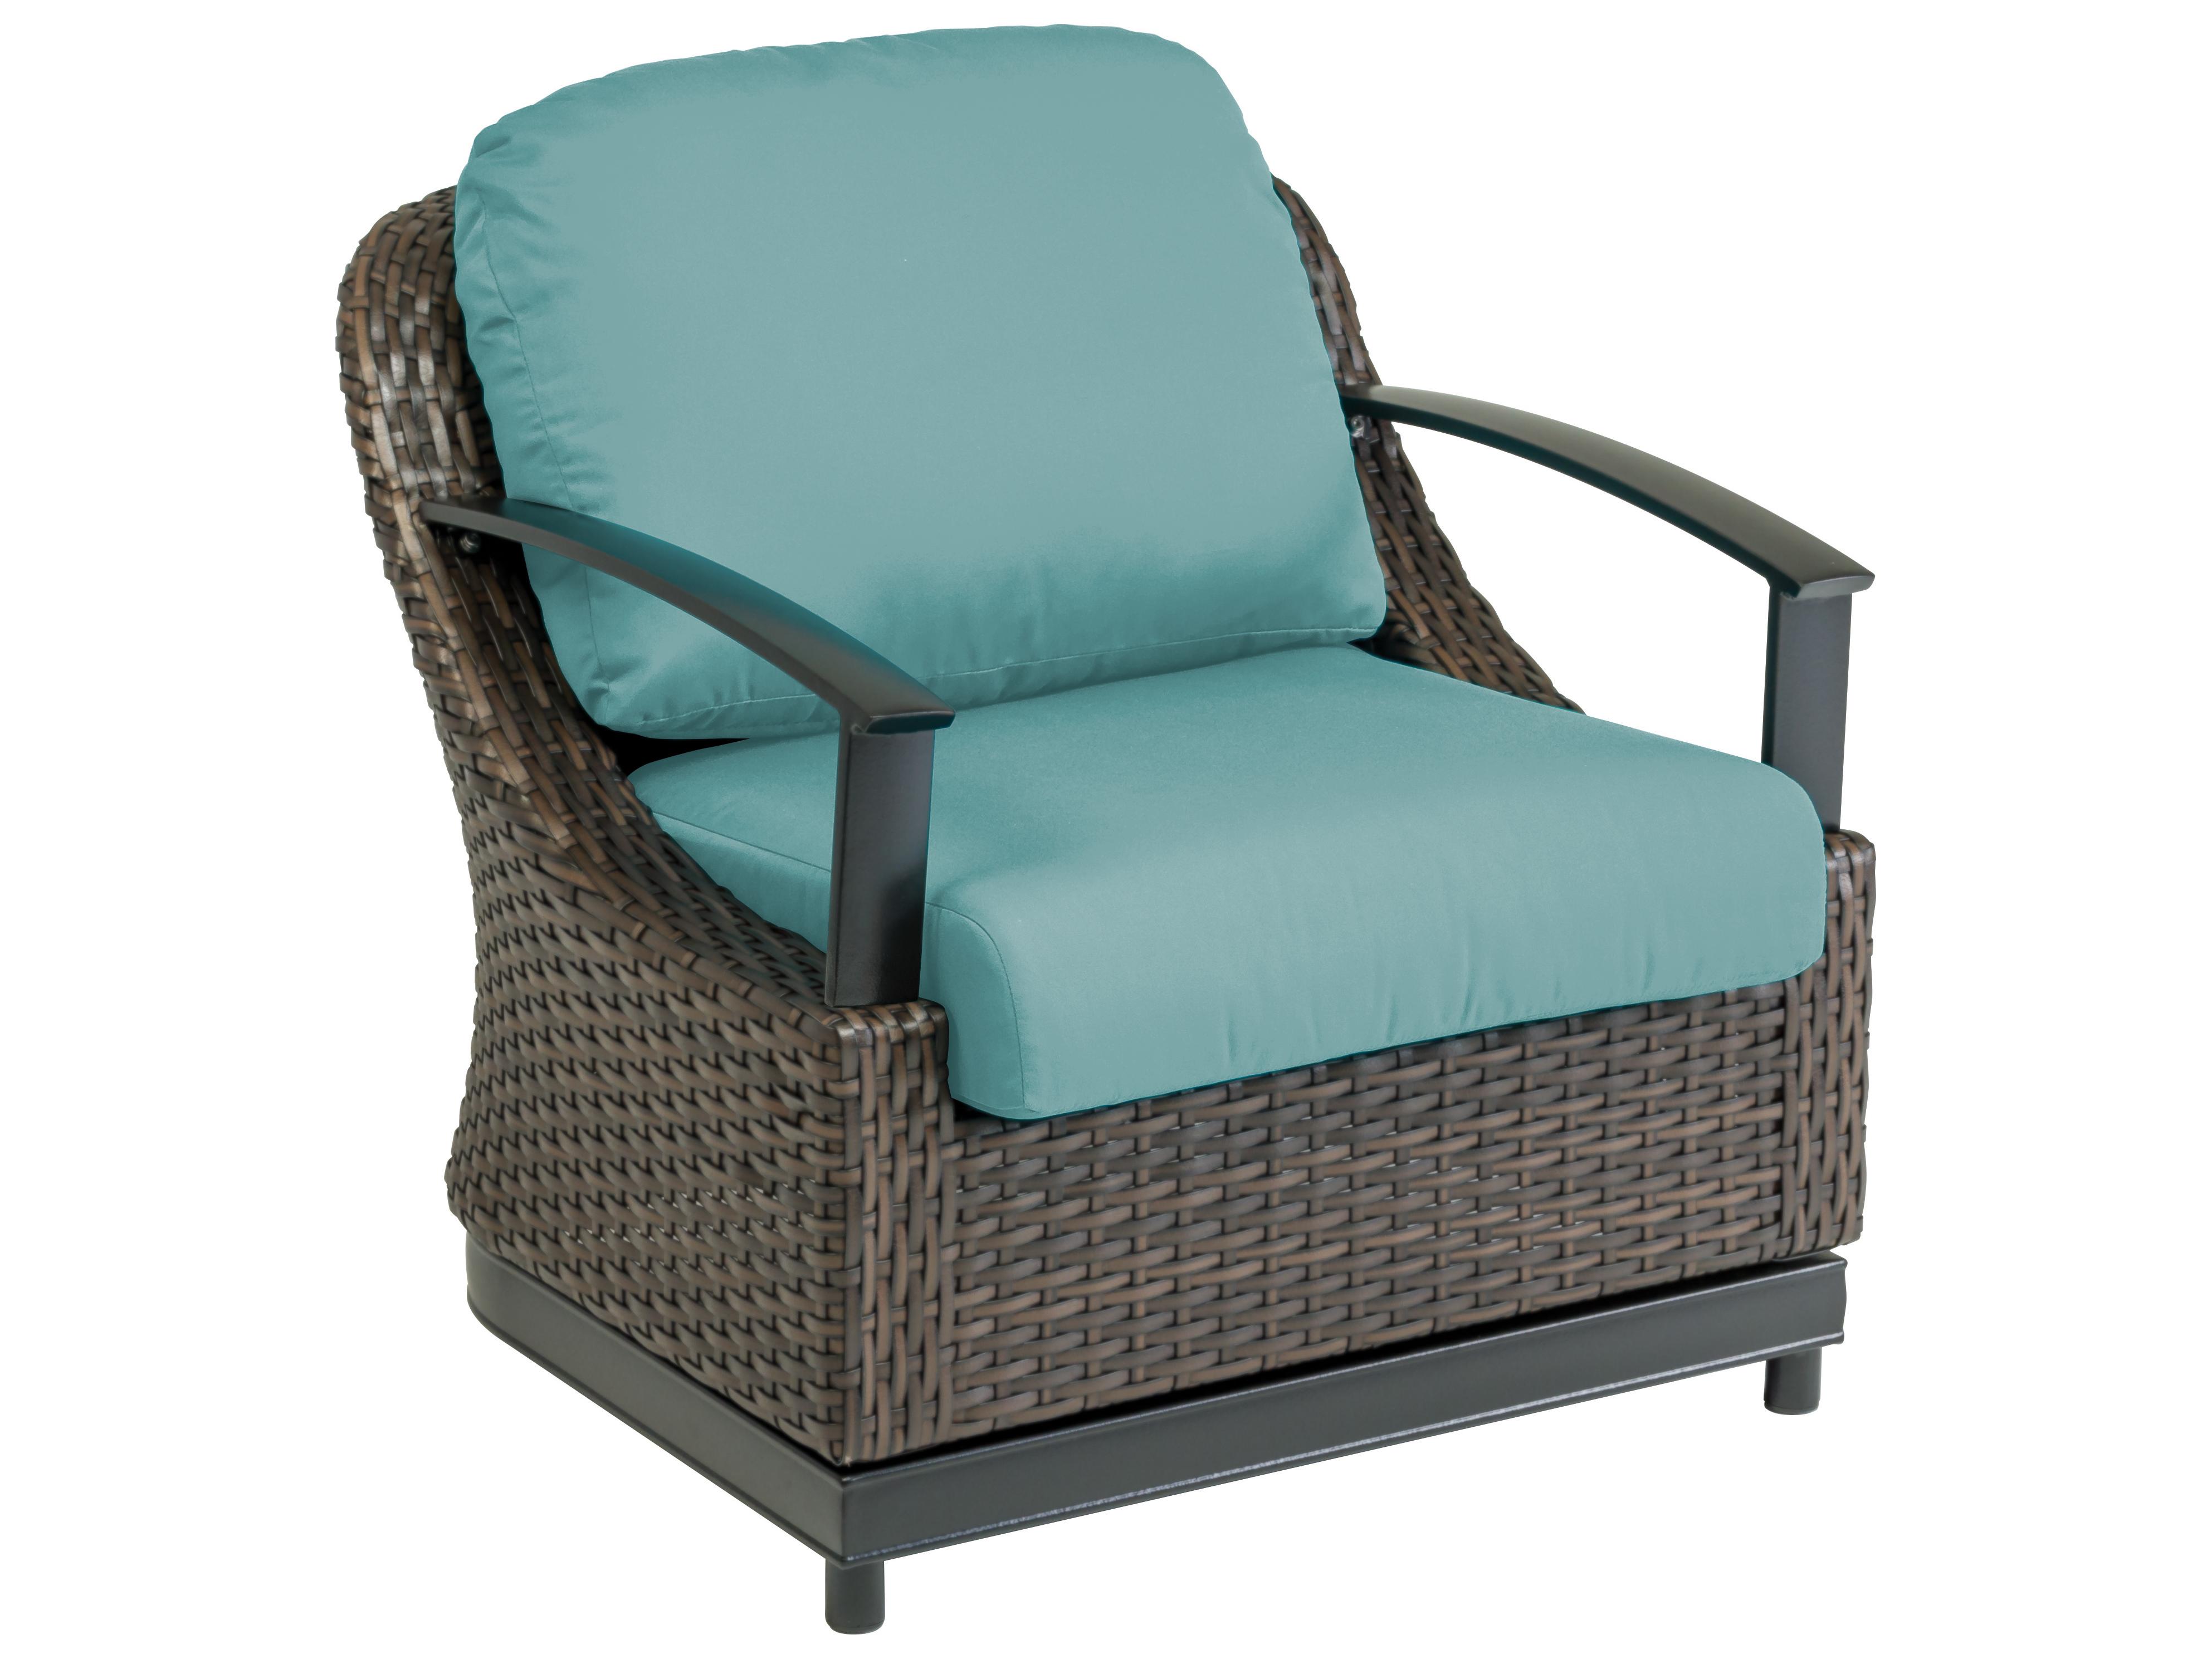 Tropitone Mainsail Woven Lounge Chairs 191711ws